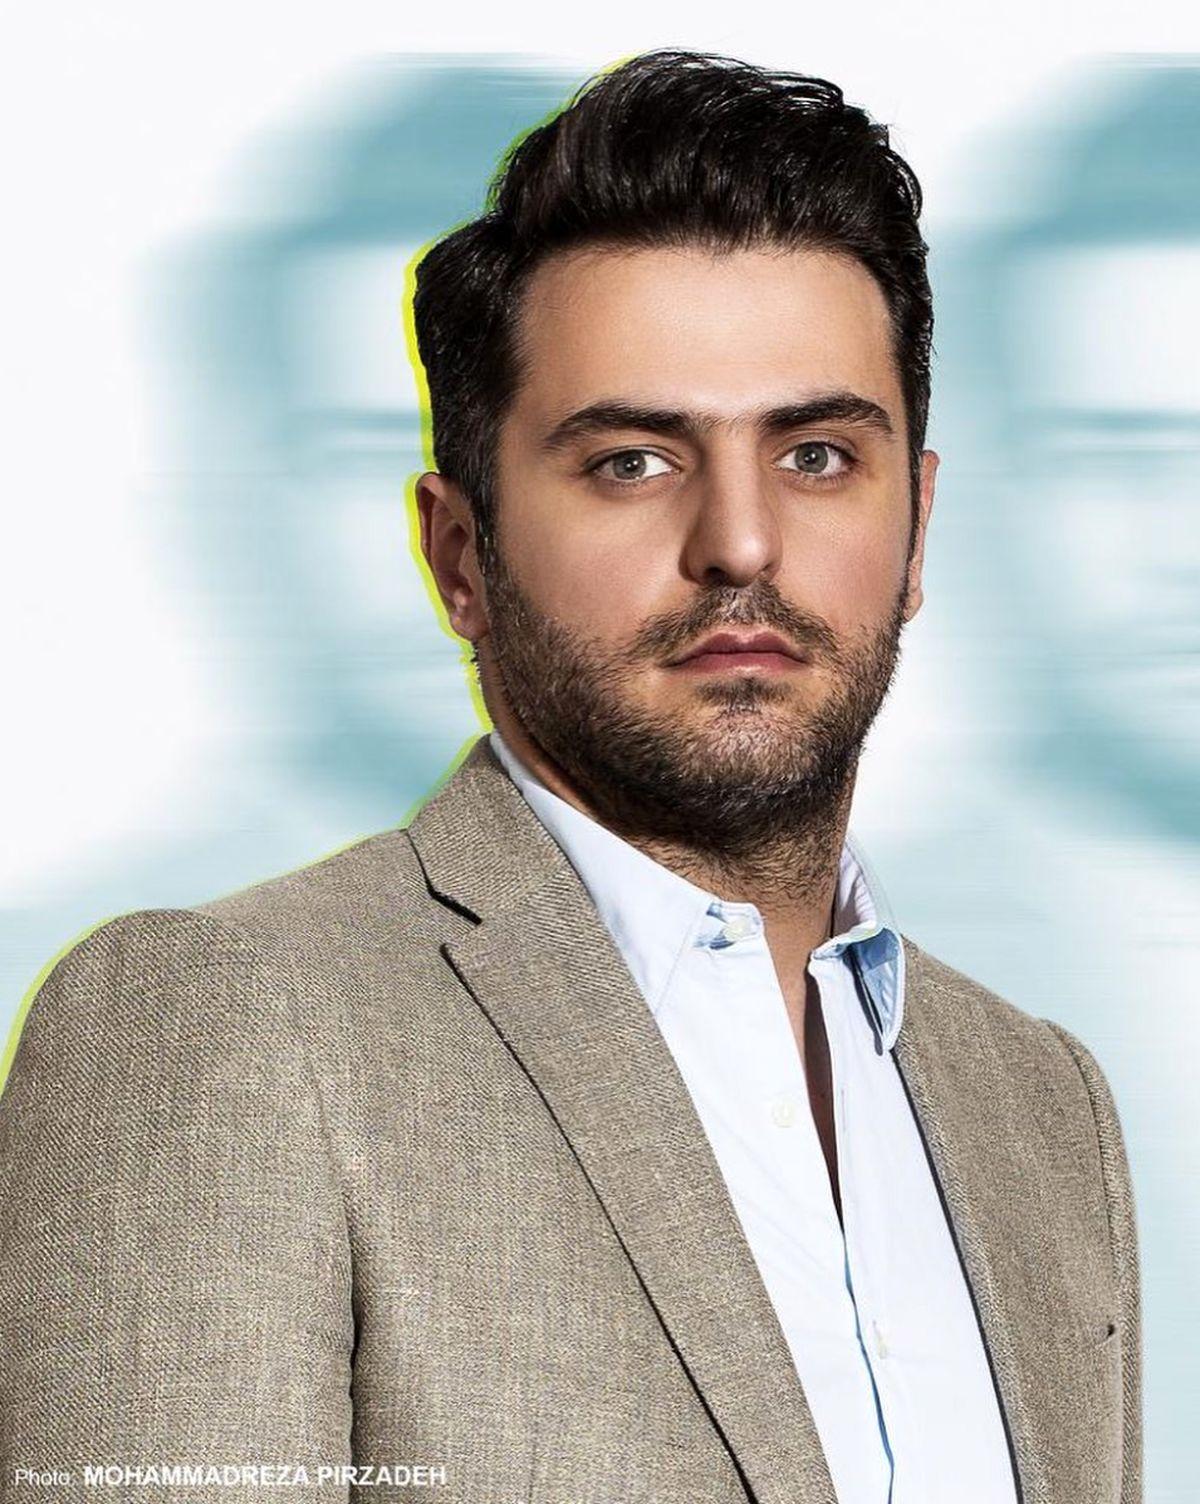 تیپ و قیافه علی ضیا مهران مدیری را مجذوب کرد/ ویدئو